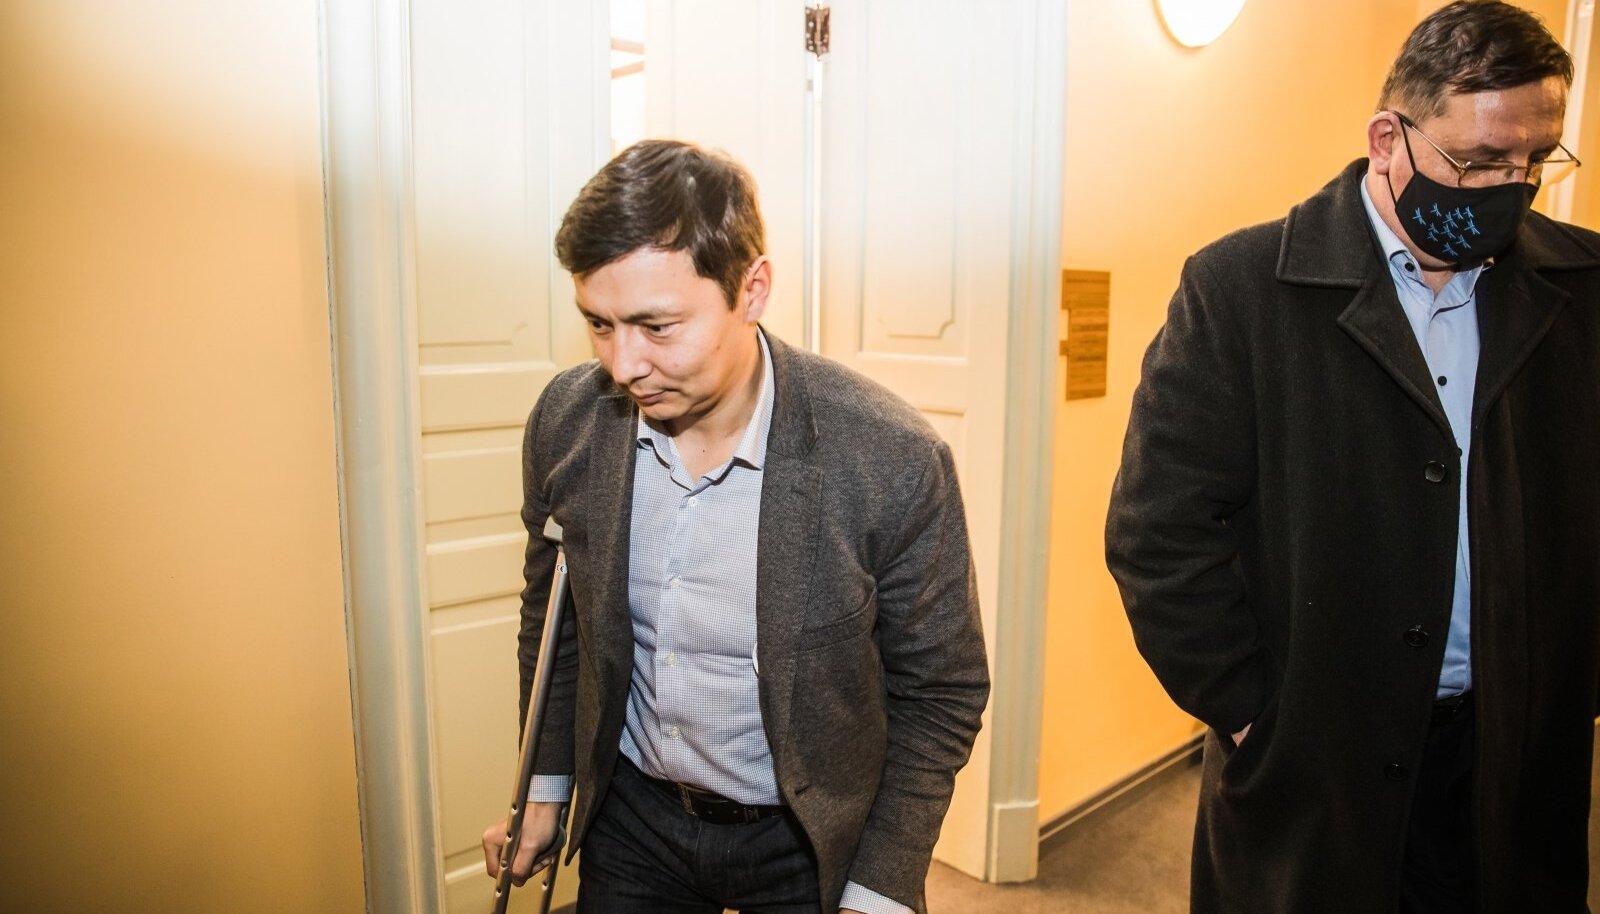 Keskerakonna toetus on kolinal kukkunud. Fotol Mihhail Kõlvart ja Taavi Aas.